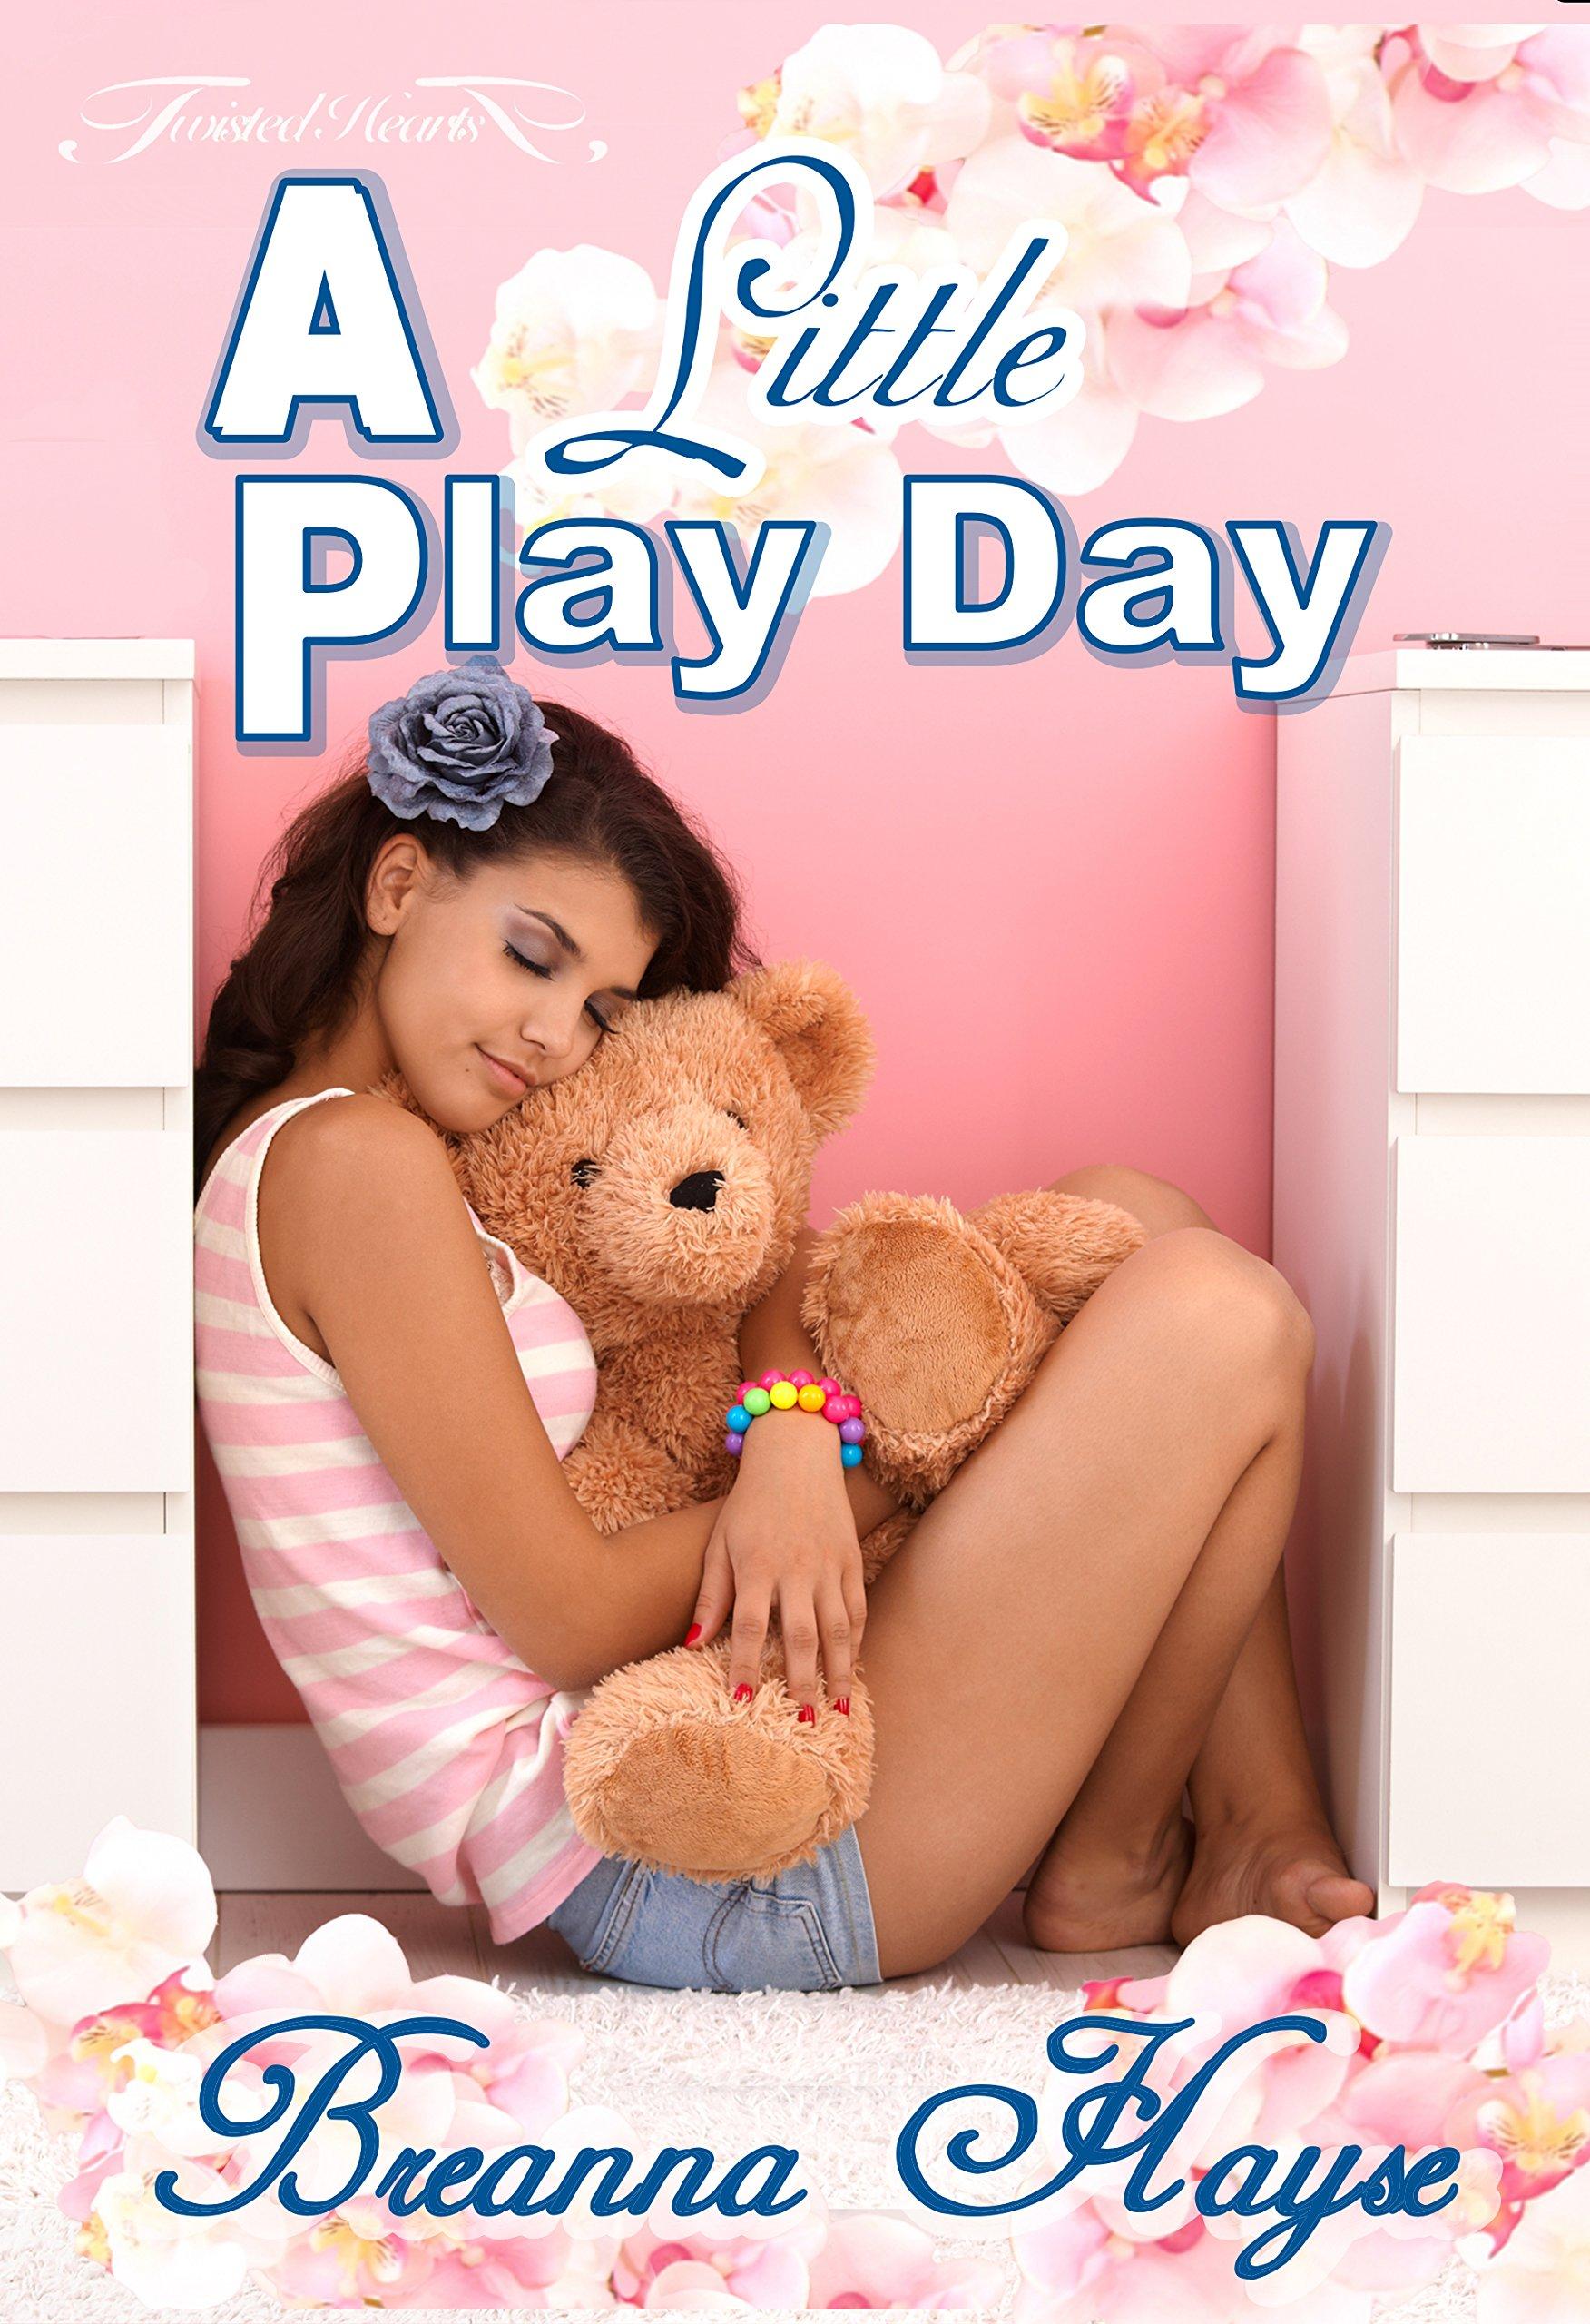 A Little Play Day por Breanna Hayse